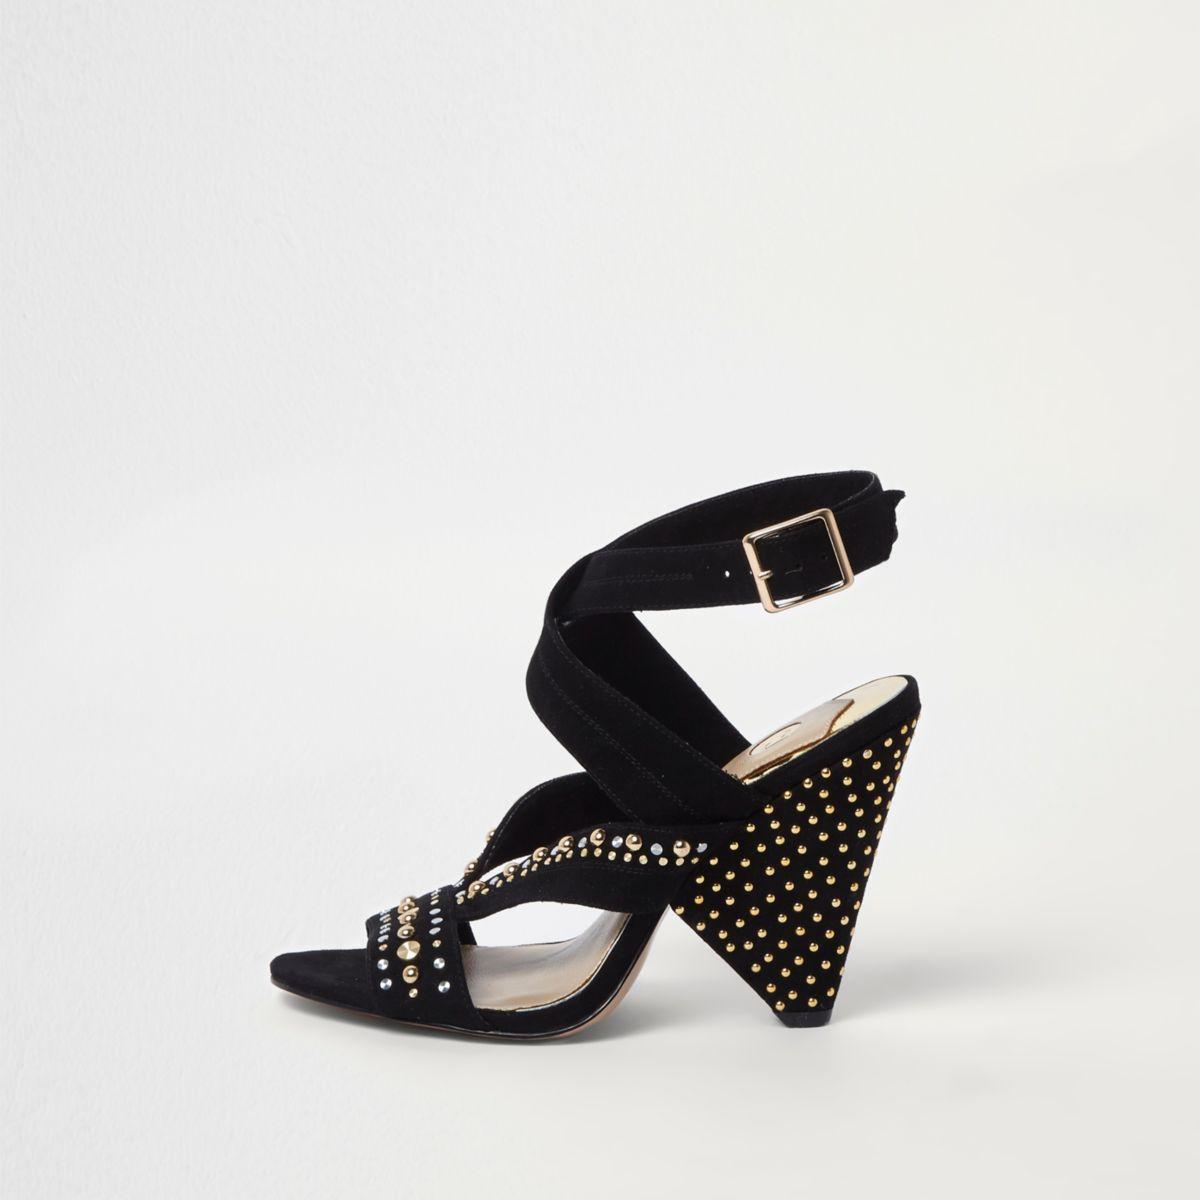 Sandales noires cloutées à talons coniques